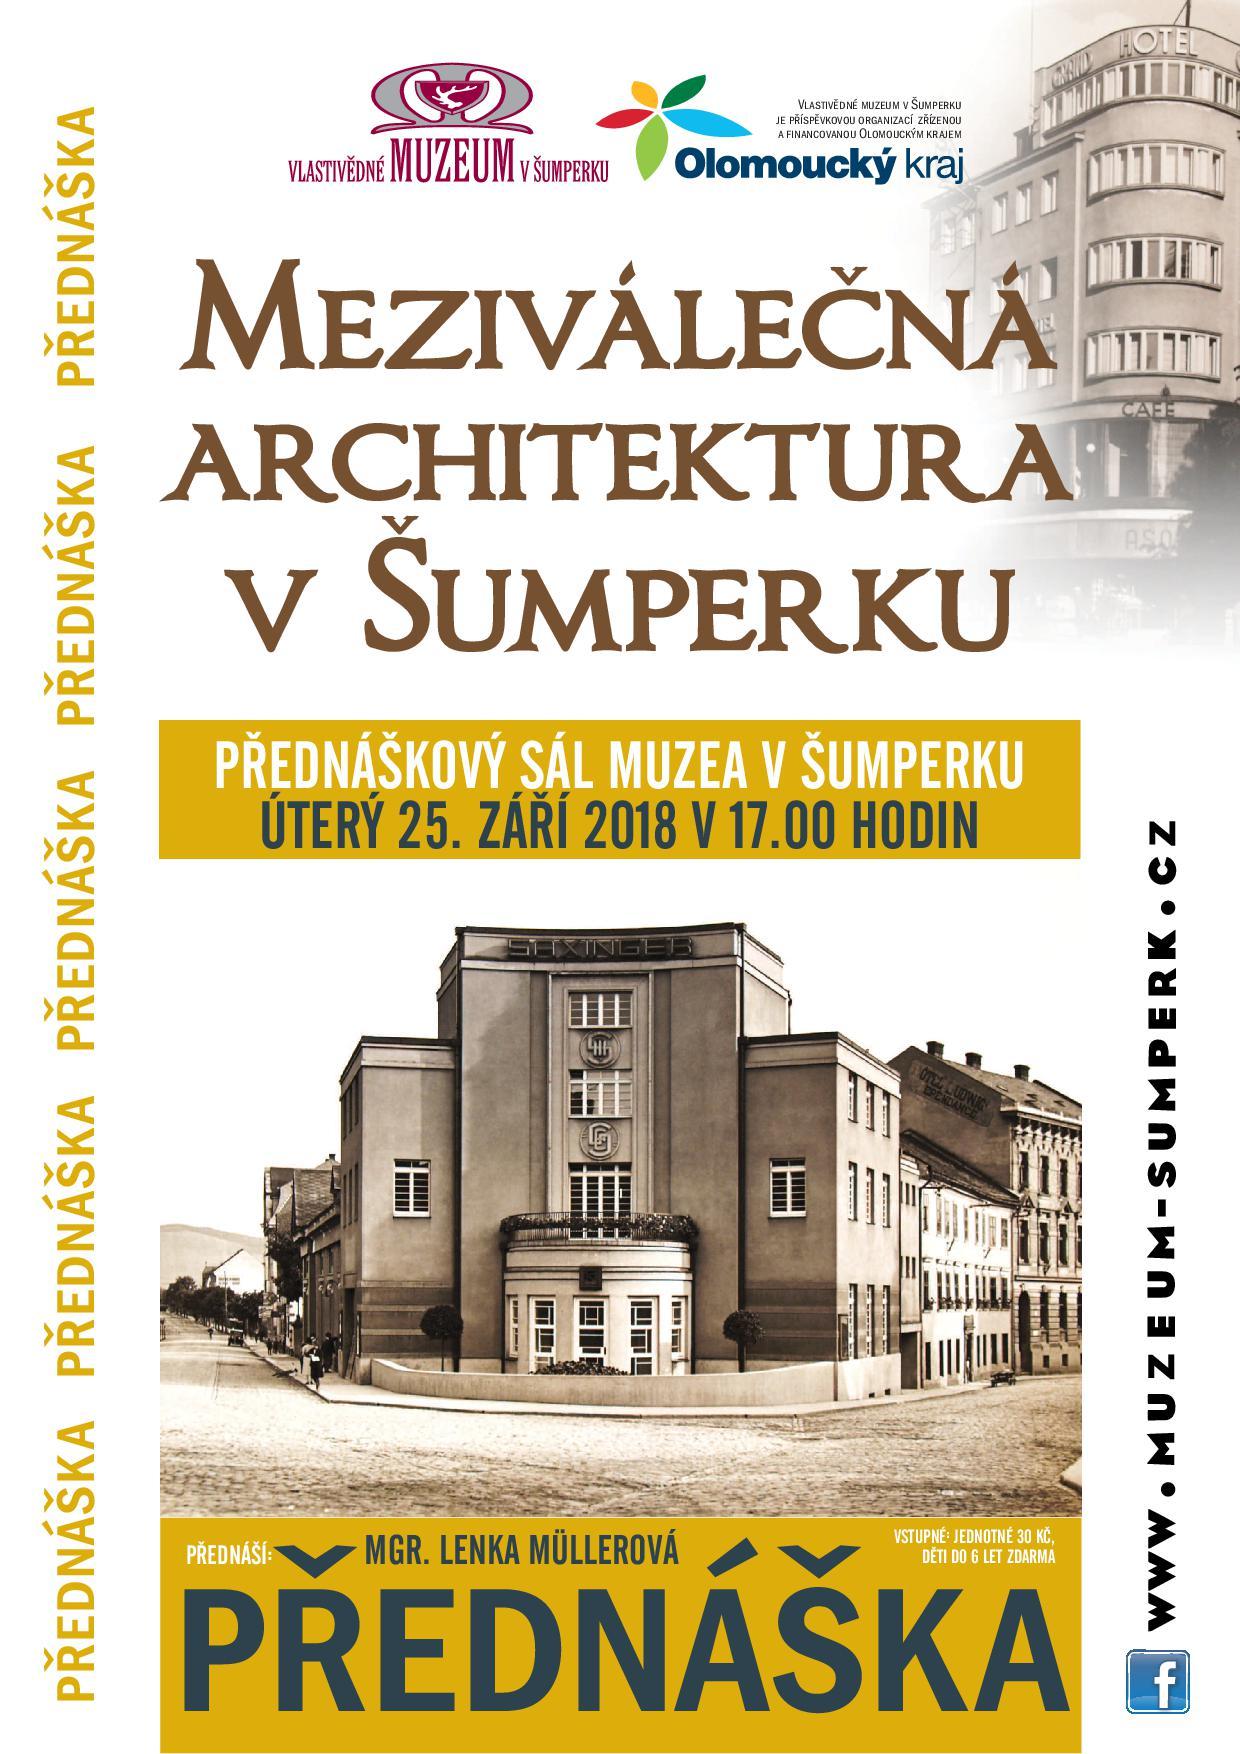 meziválečná architektura